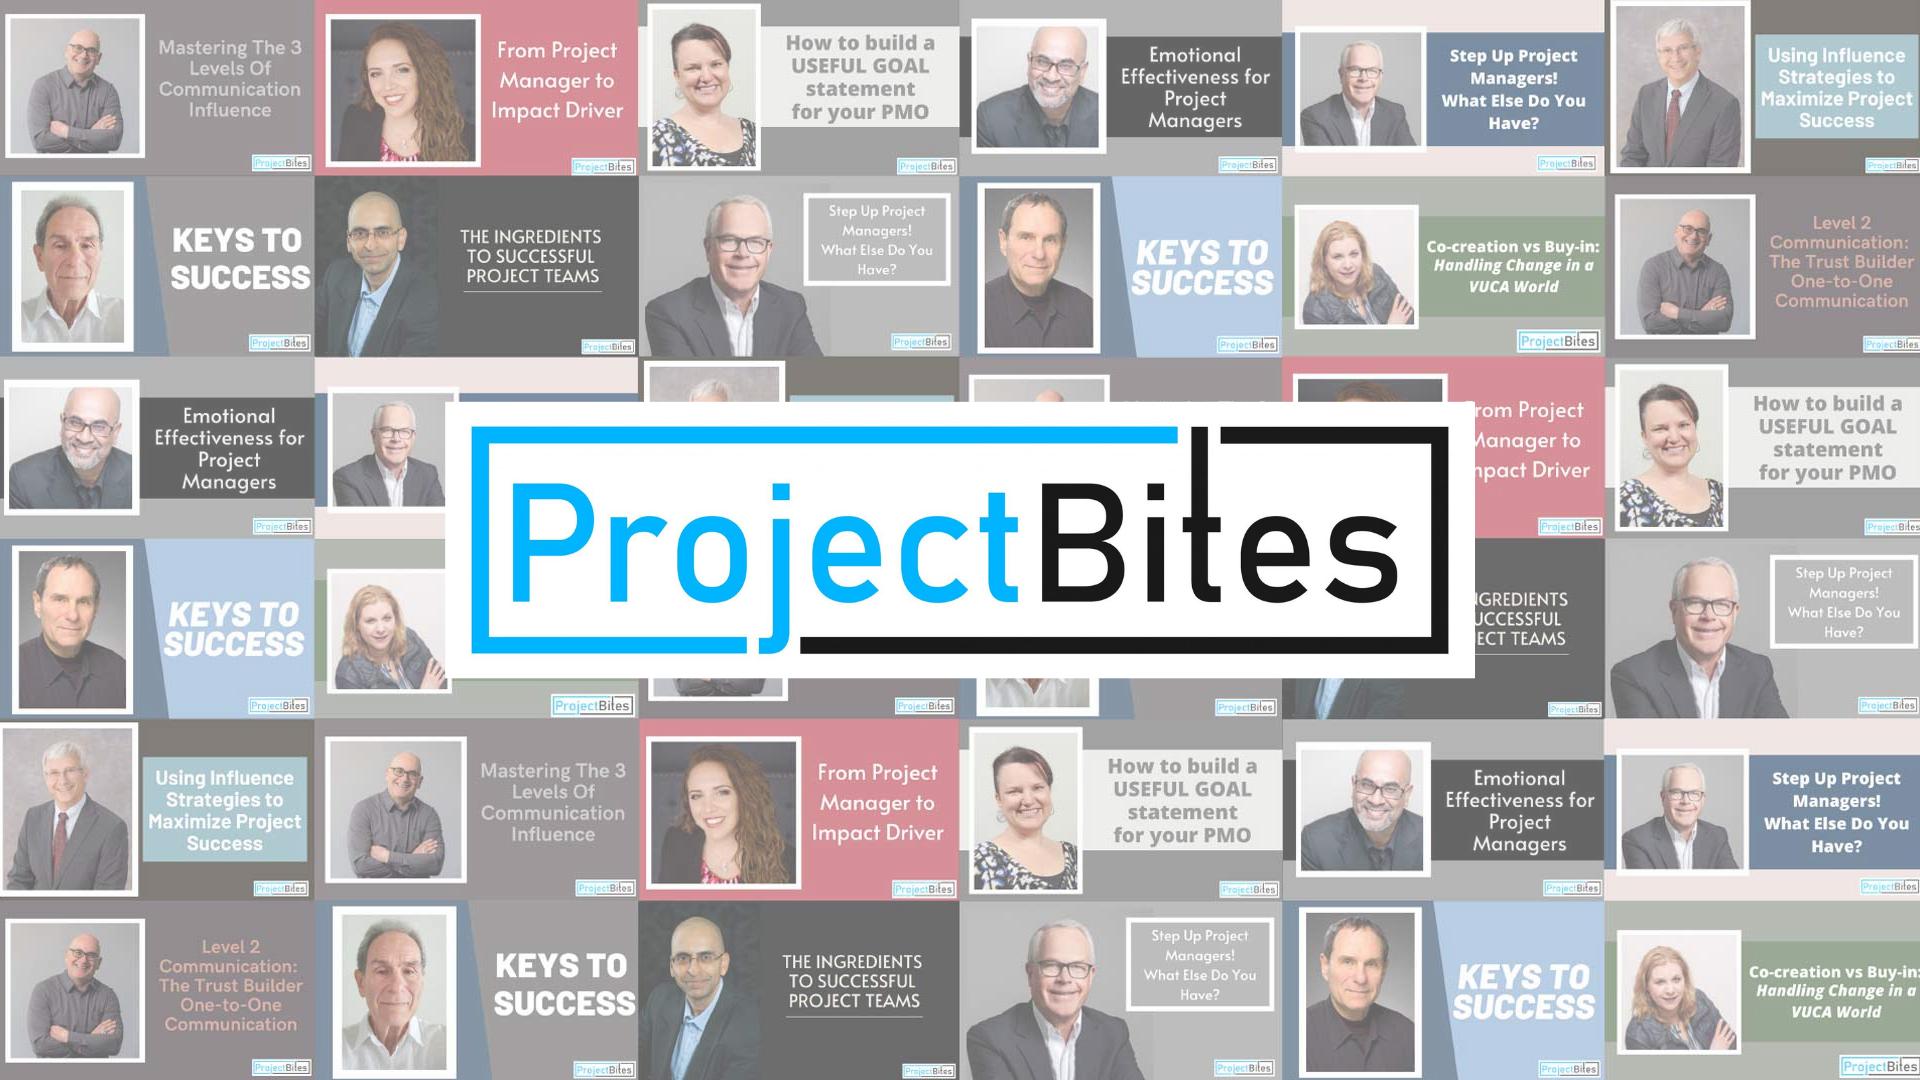 ProjectBites